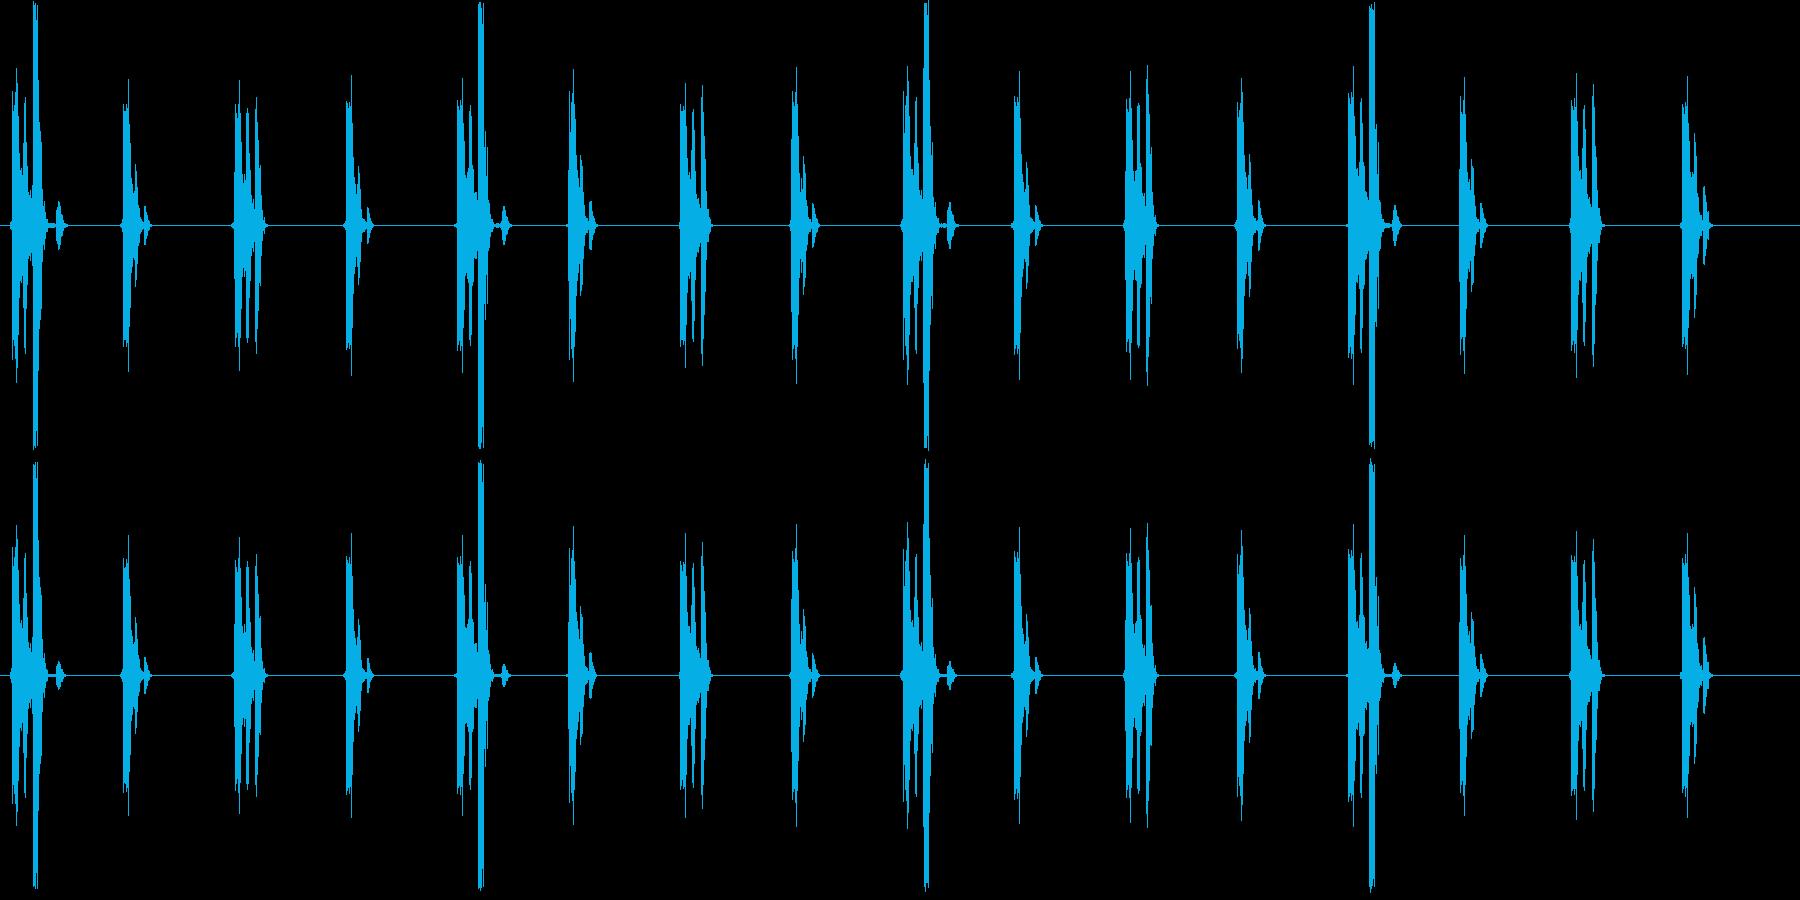 チクタクチクタク(時計、細かい刻み)の再生済みの波形